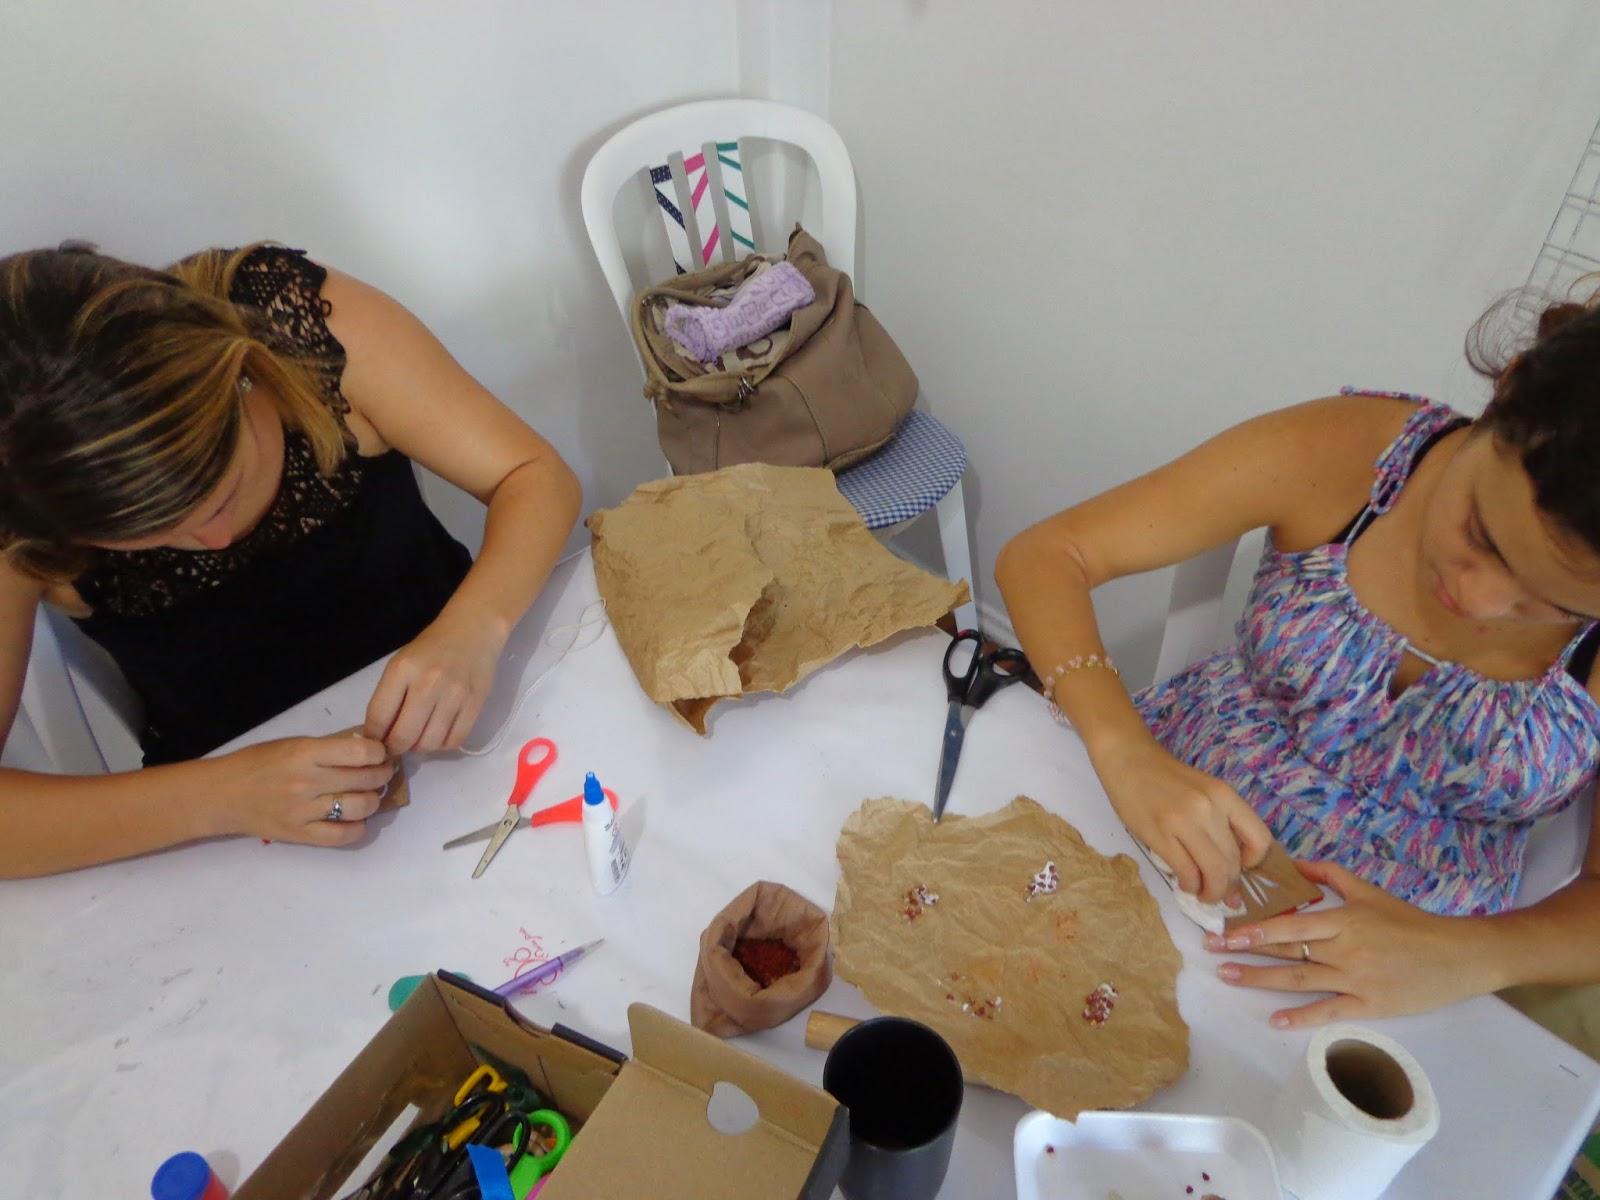 espaço marise piloto arte rupestre oficina de desenho pintura